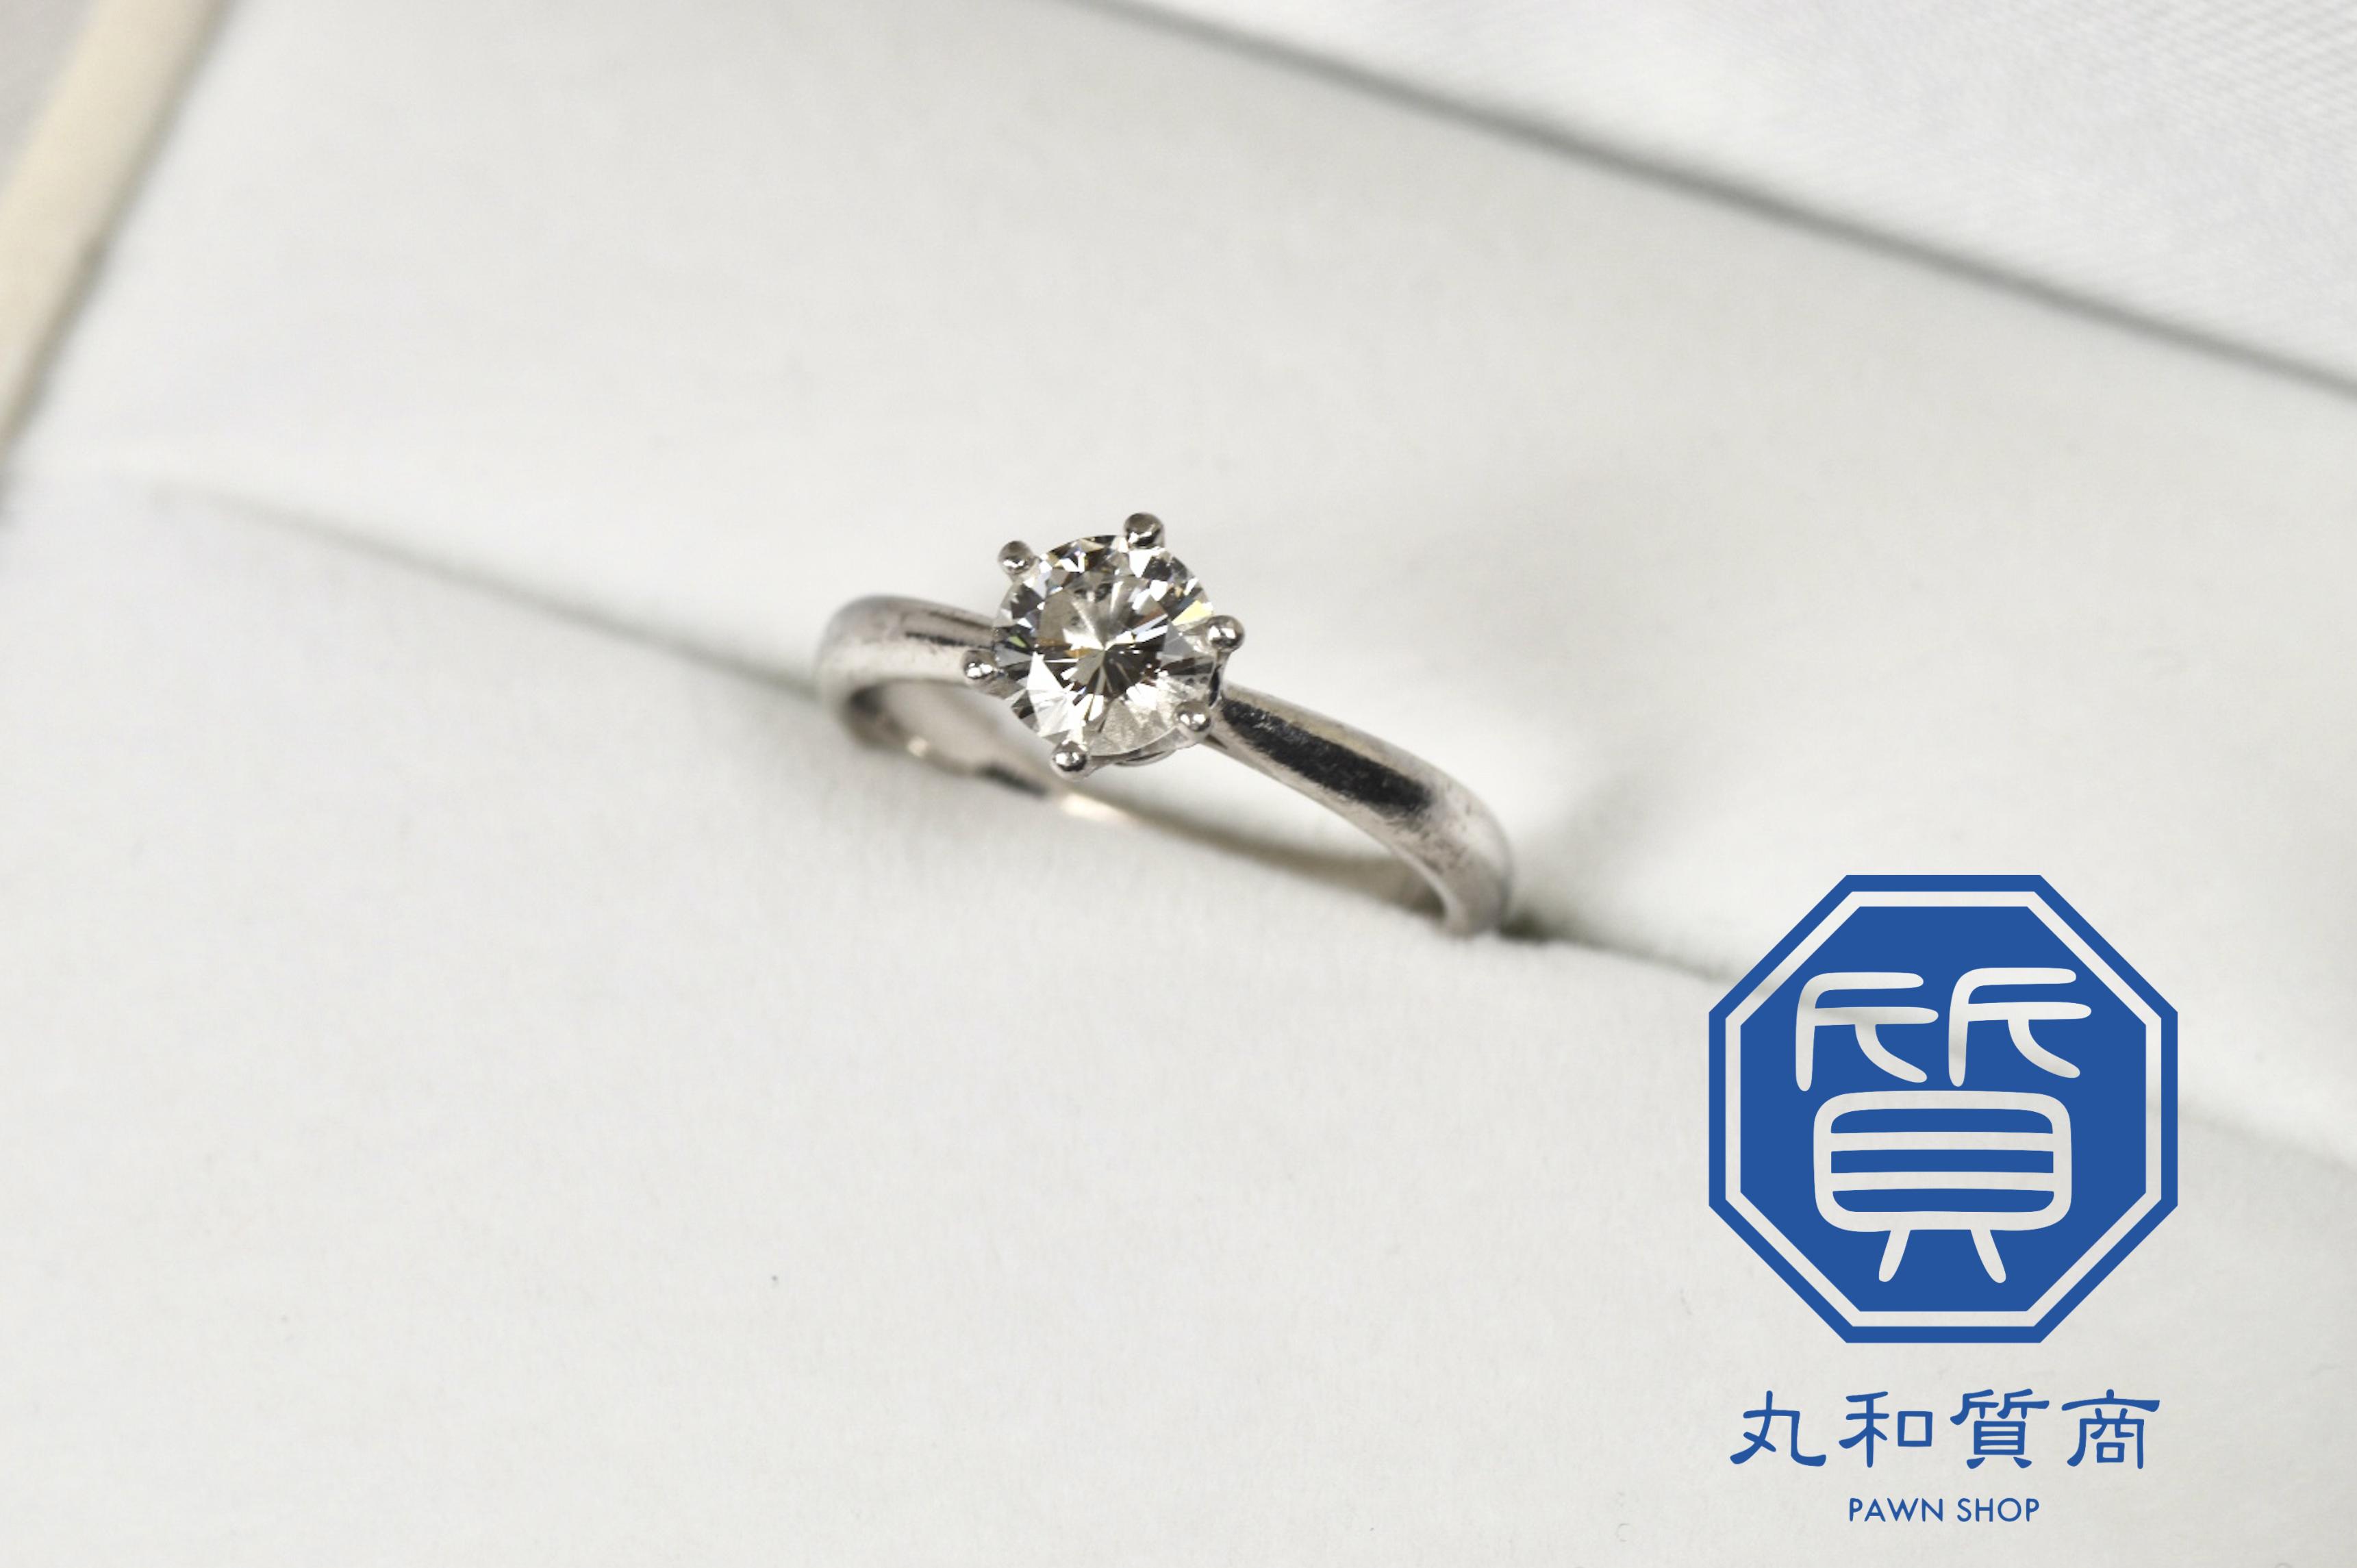 プラチナ(Pt900)ダイヤモンドリング 0.3カラットをお買取!価格の相場は?